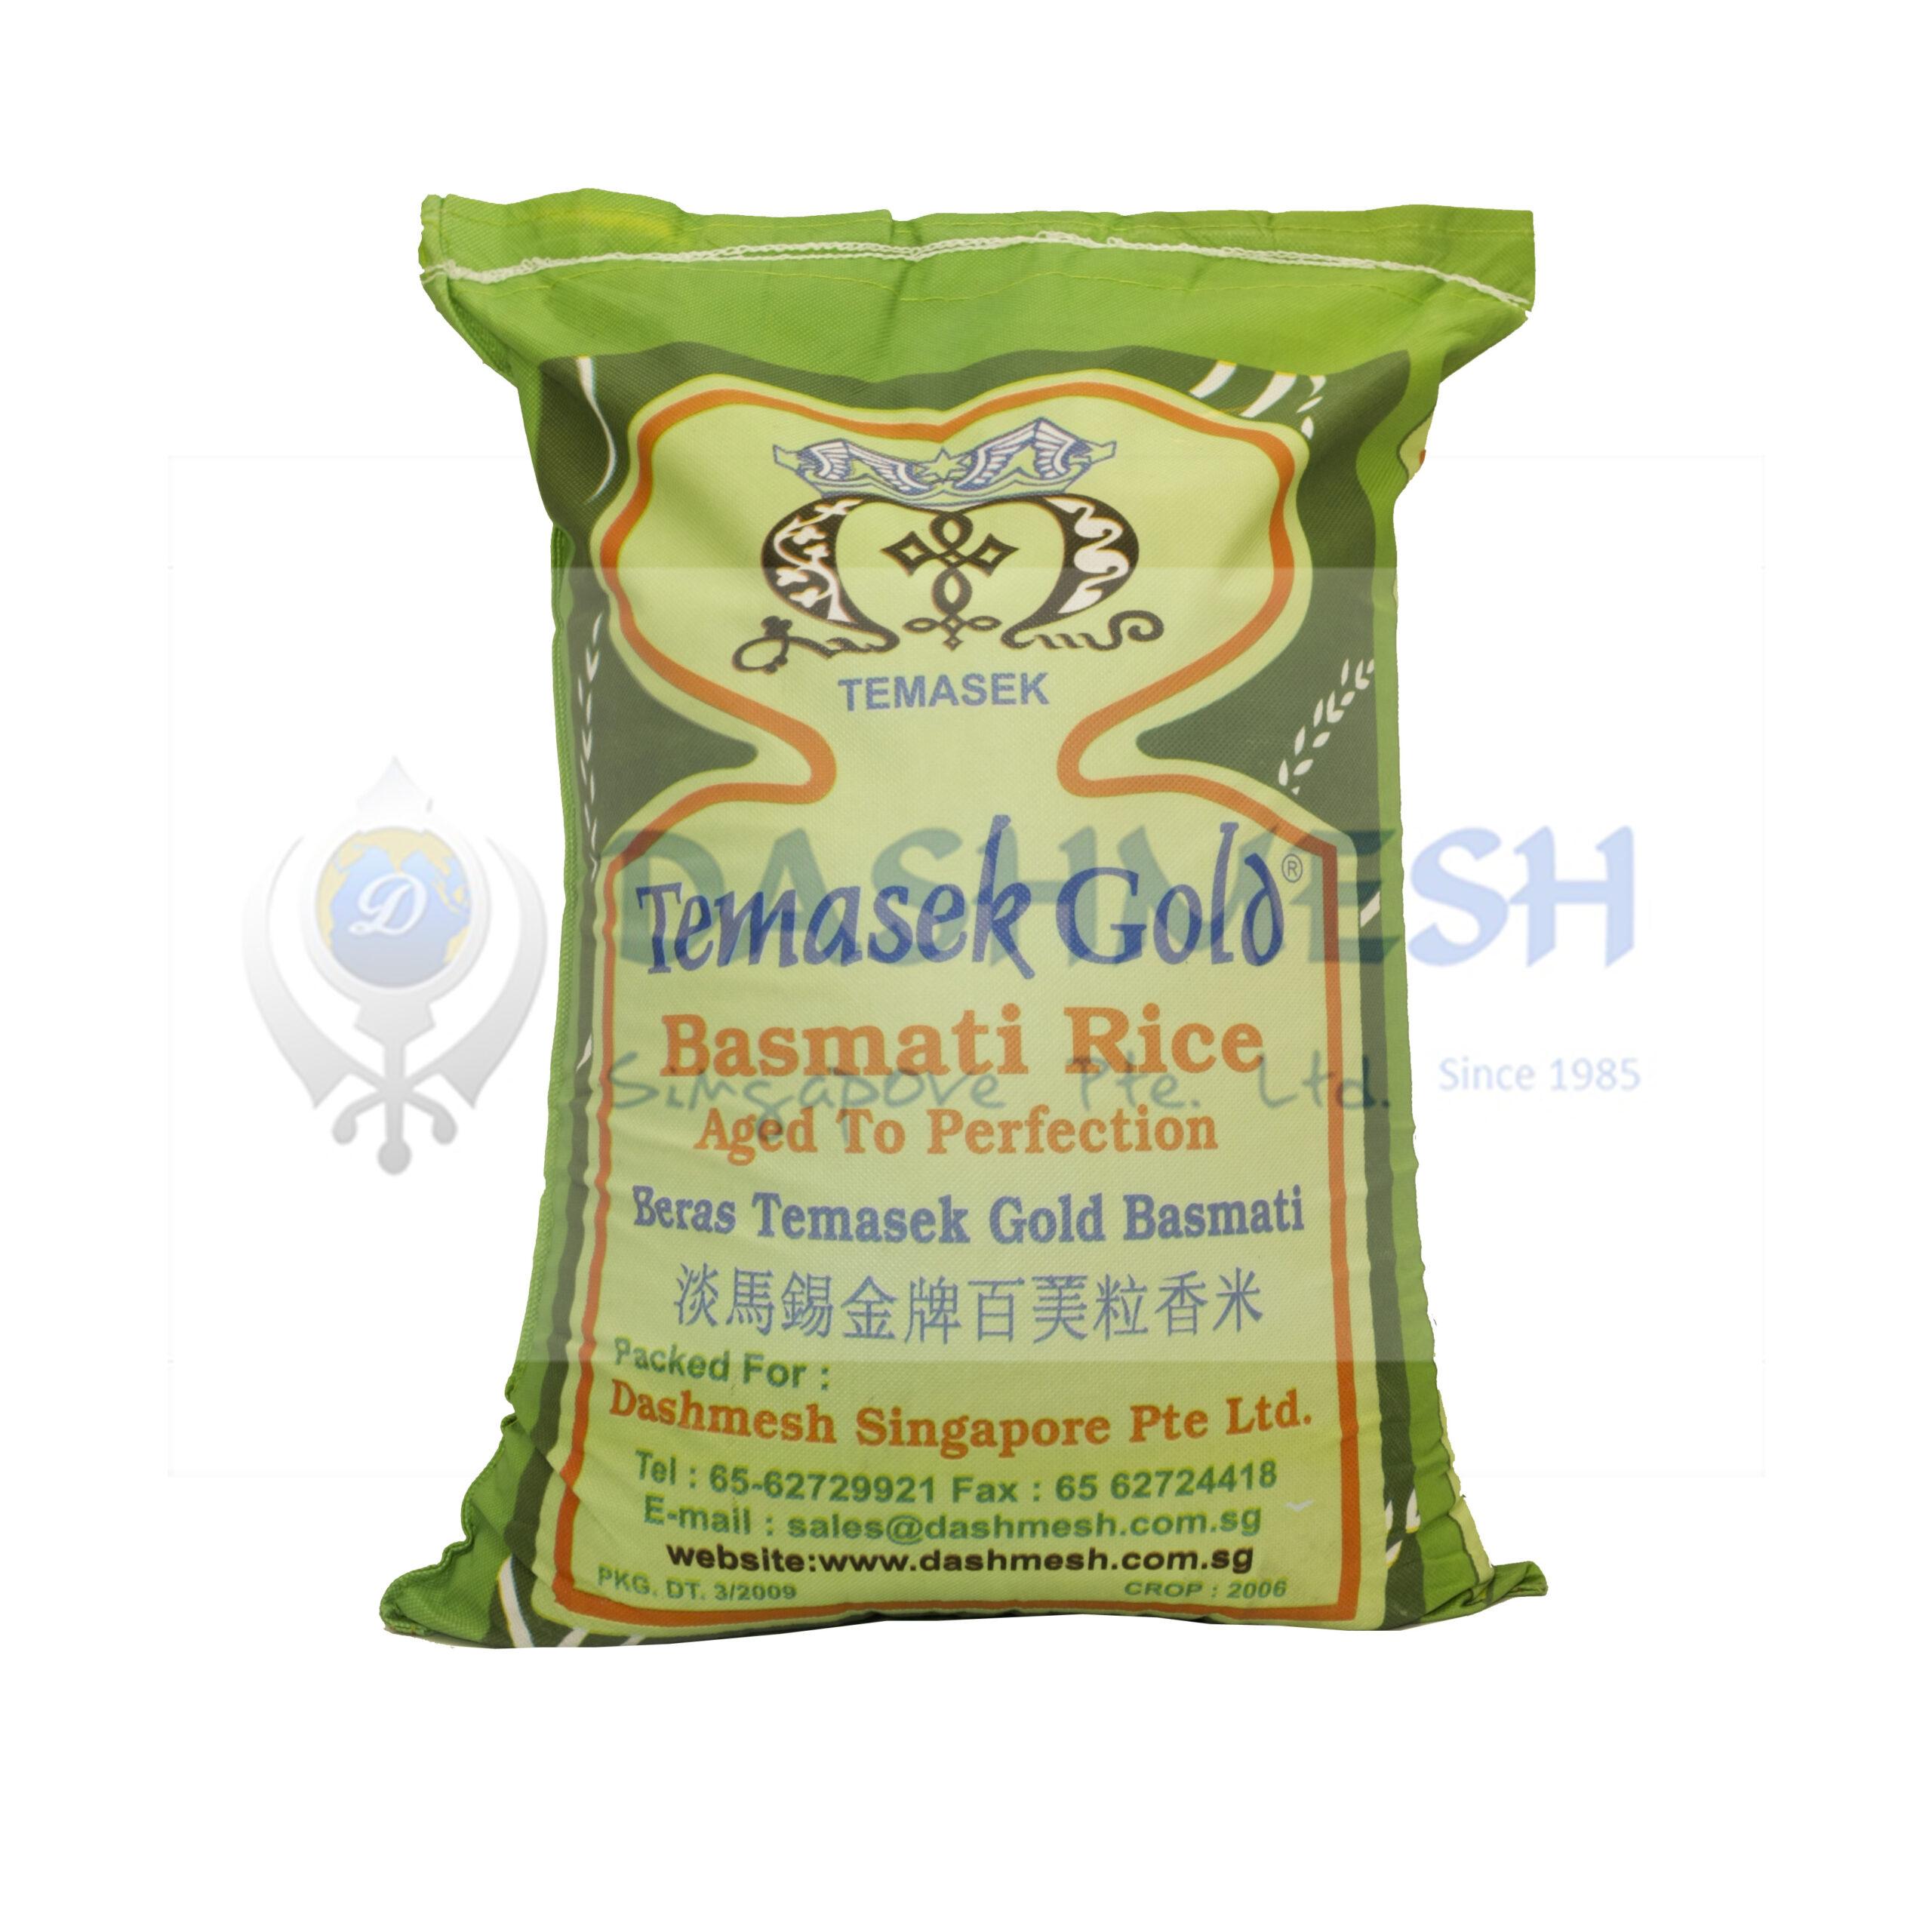 Temasek Gold Basmati Rice 25kg Bag